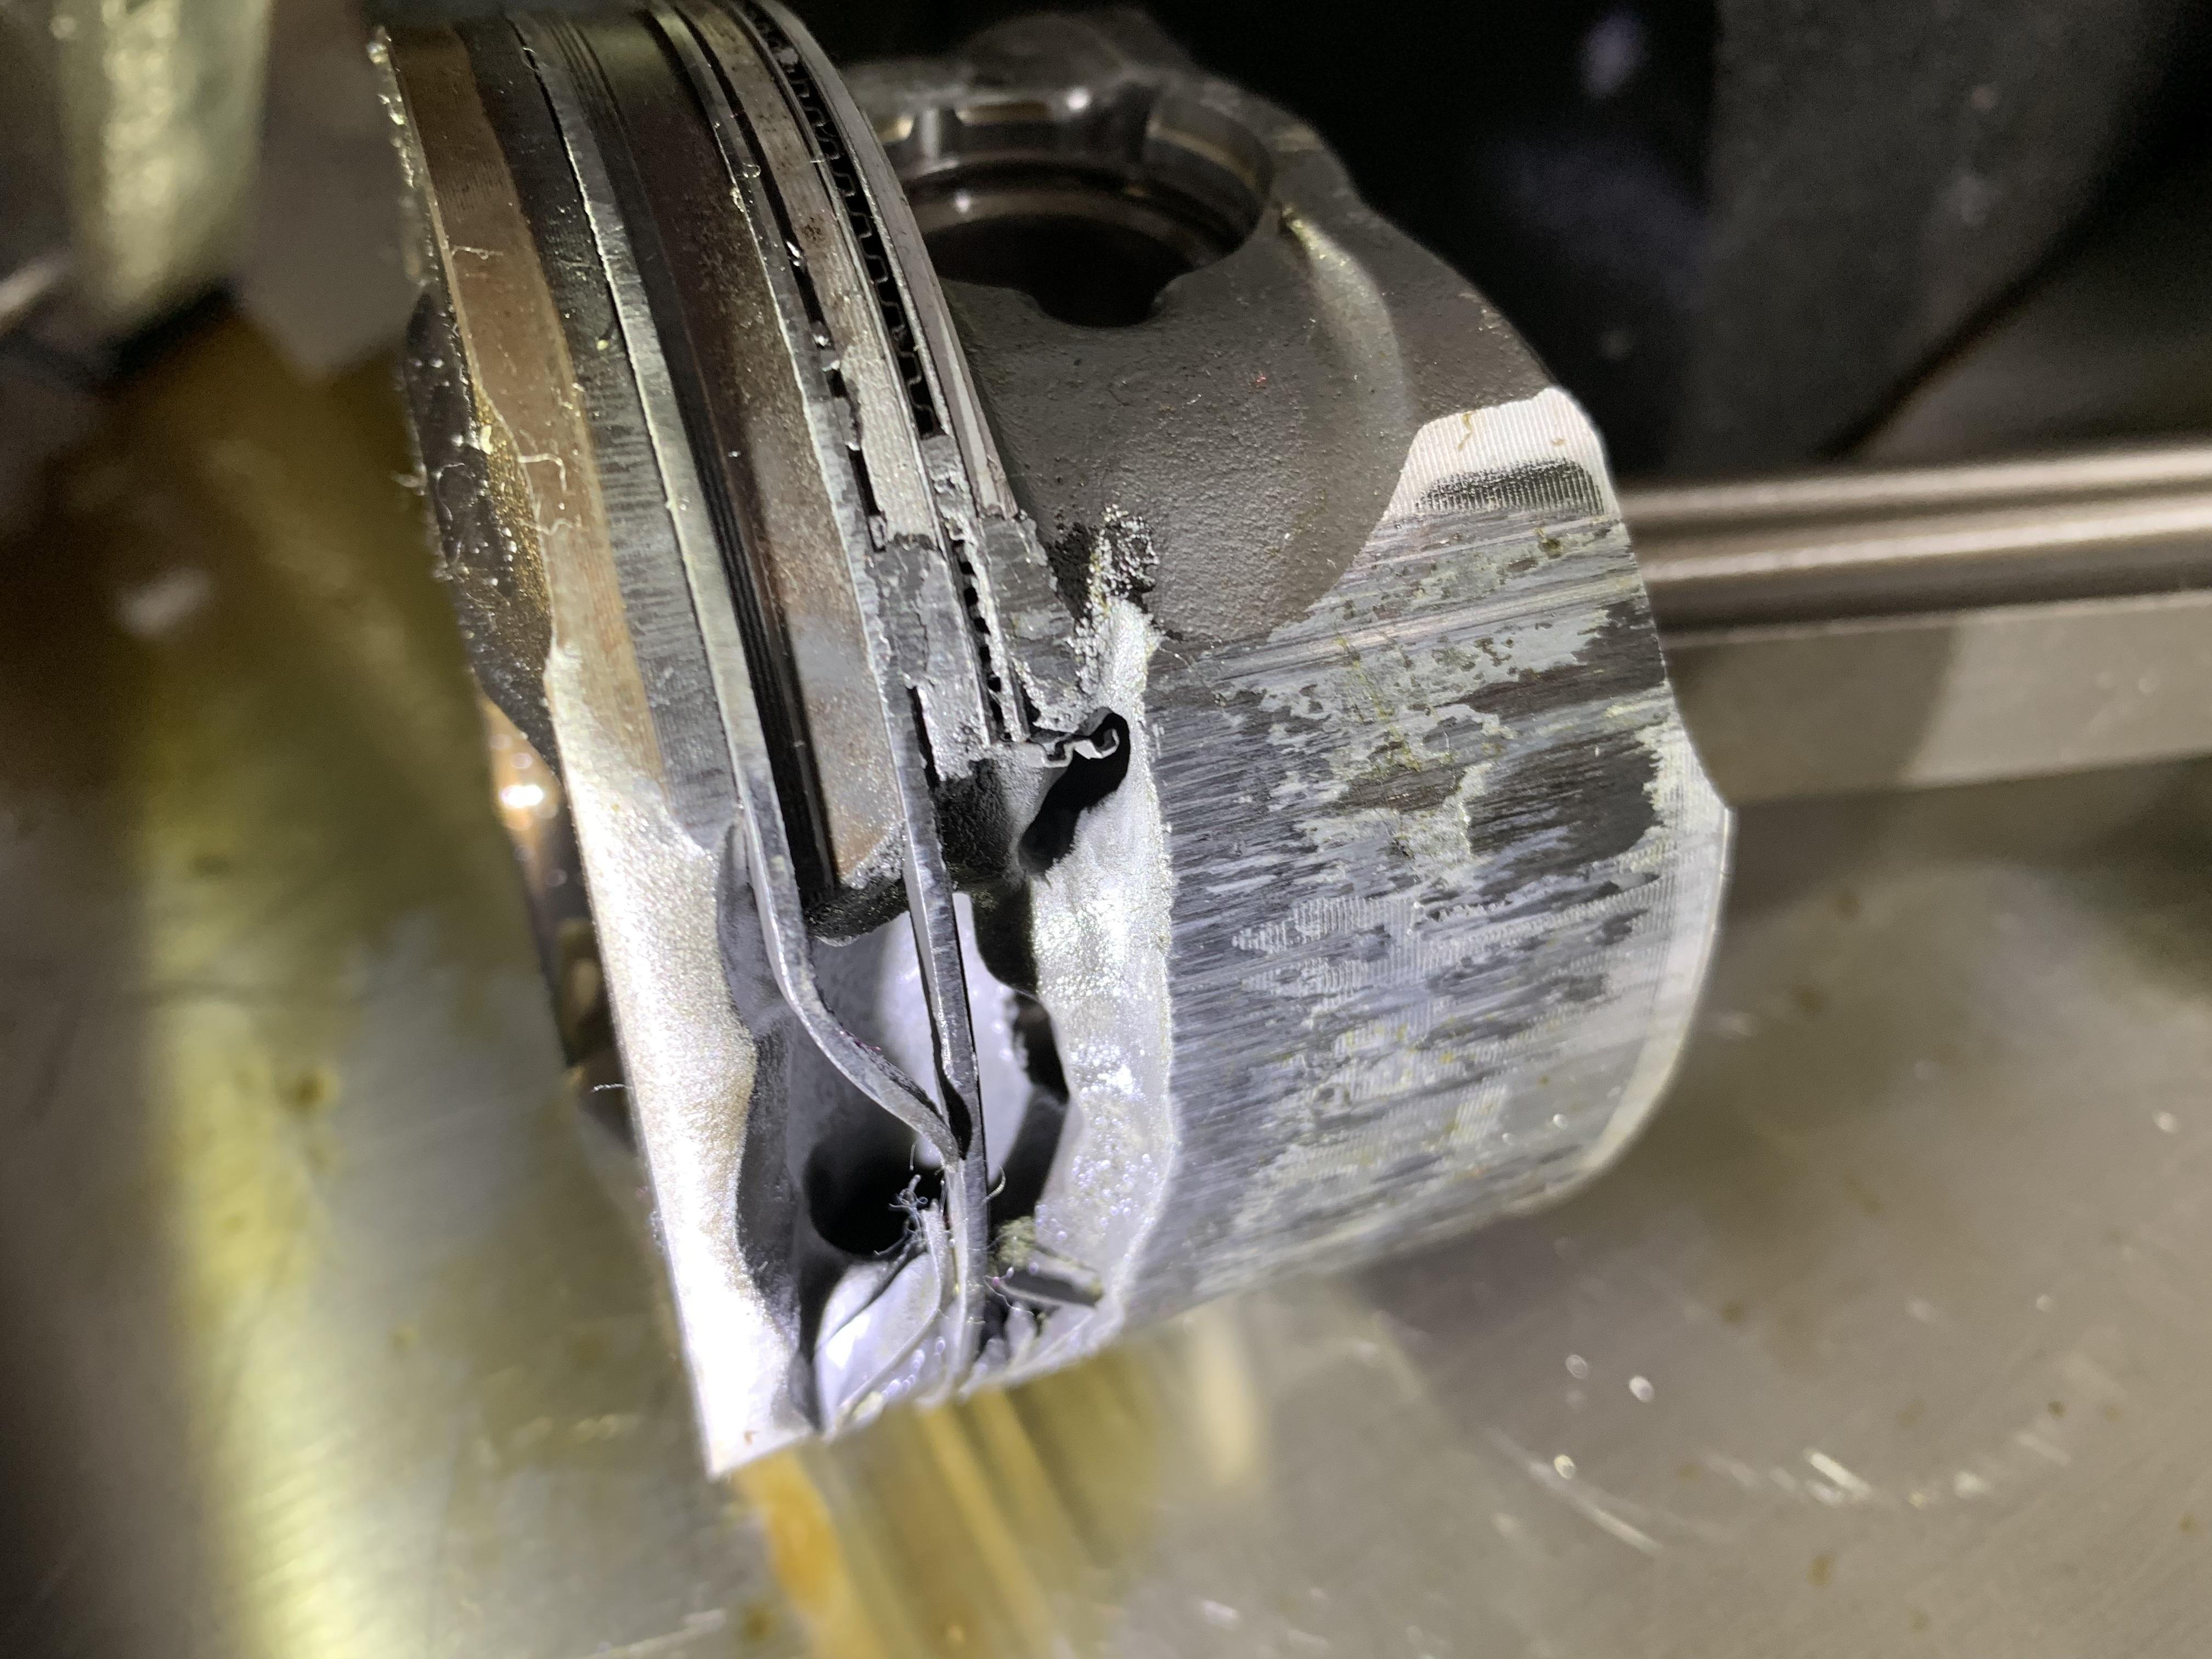 上汽通用-凯迪拉克ATS-L 刚买11个月发动机严重拉缸大病小修